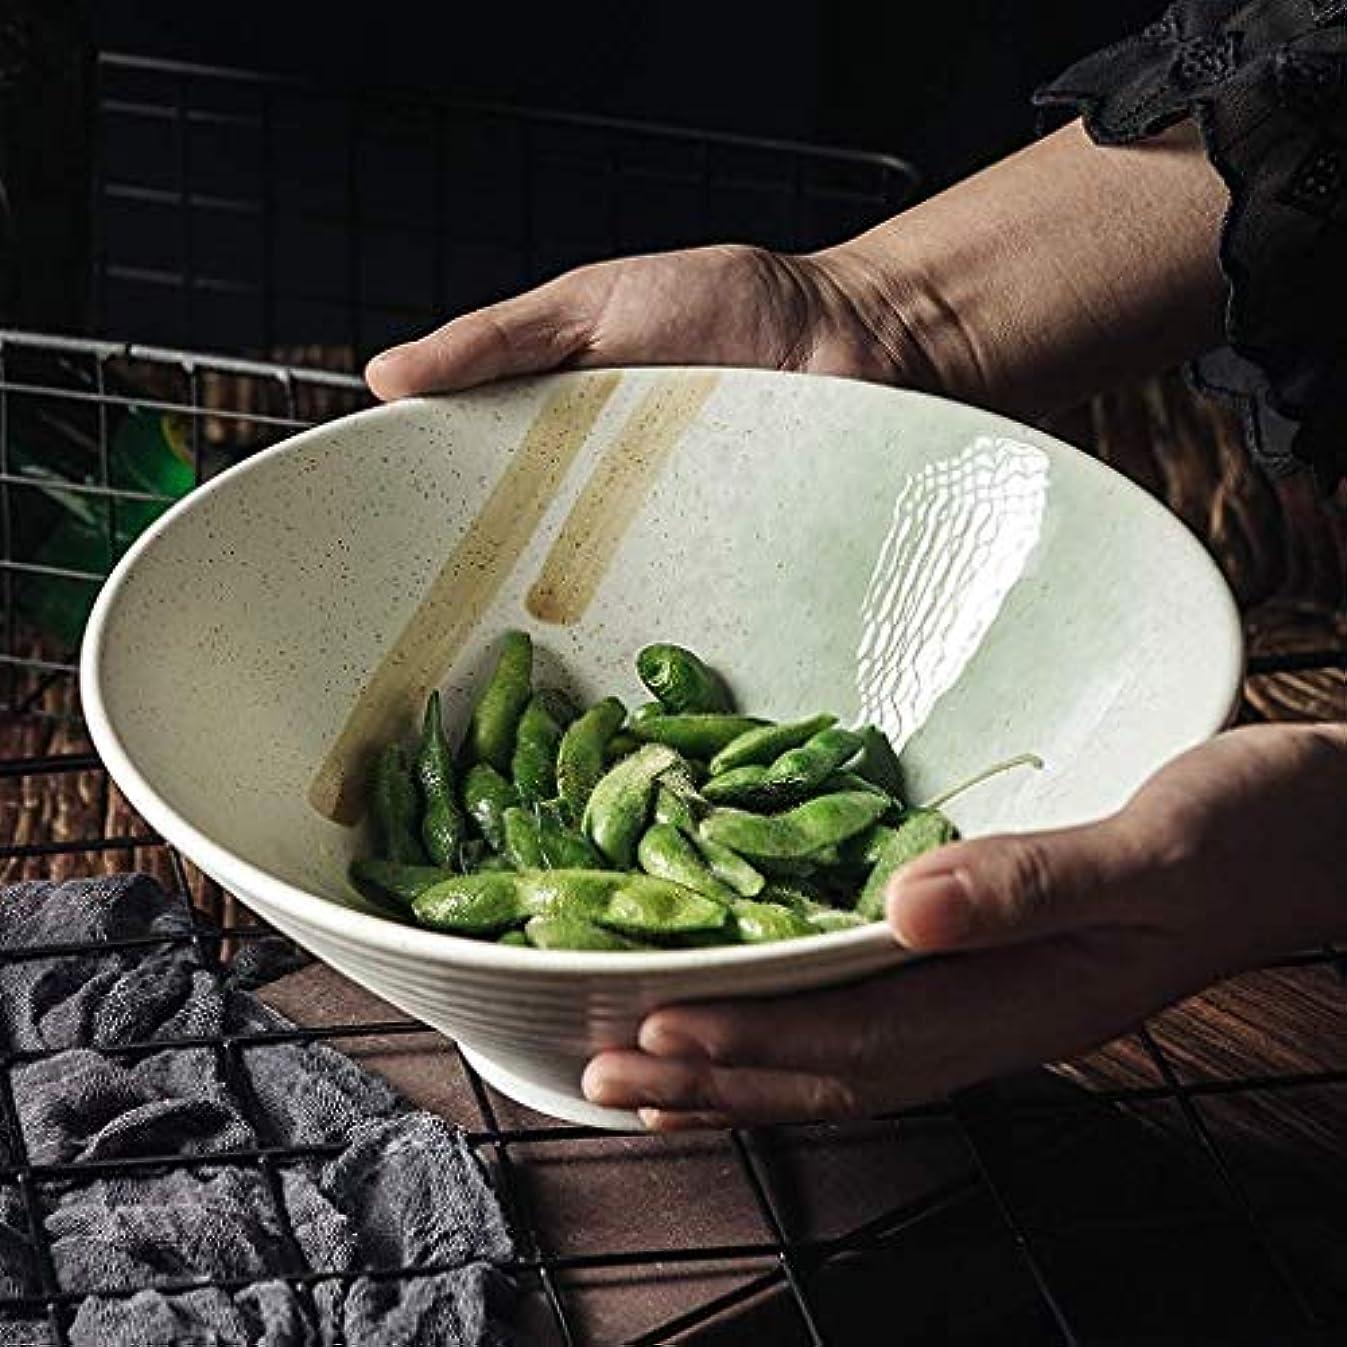 サンダーカフェテリア冷笑するL.TSAセラミックボウル和風アンティークセラミック食器9インチラーメンボウルホーム創造的な大きなスープボウルフルーツボウル手描きミキシングボウル